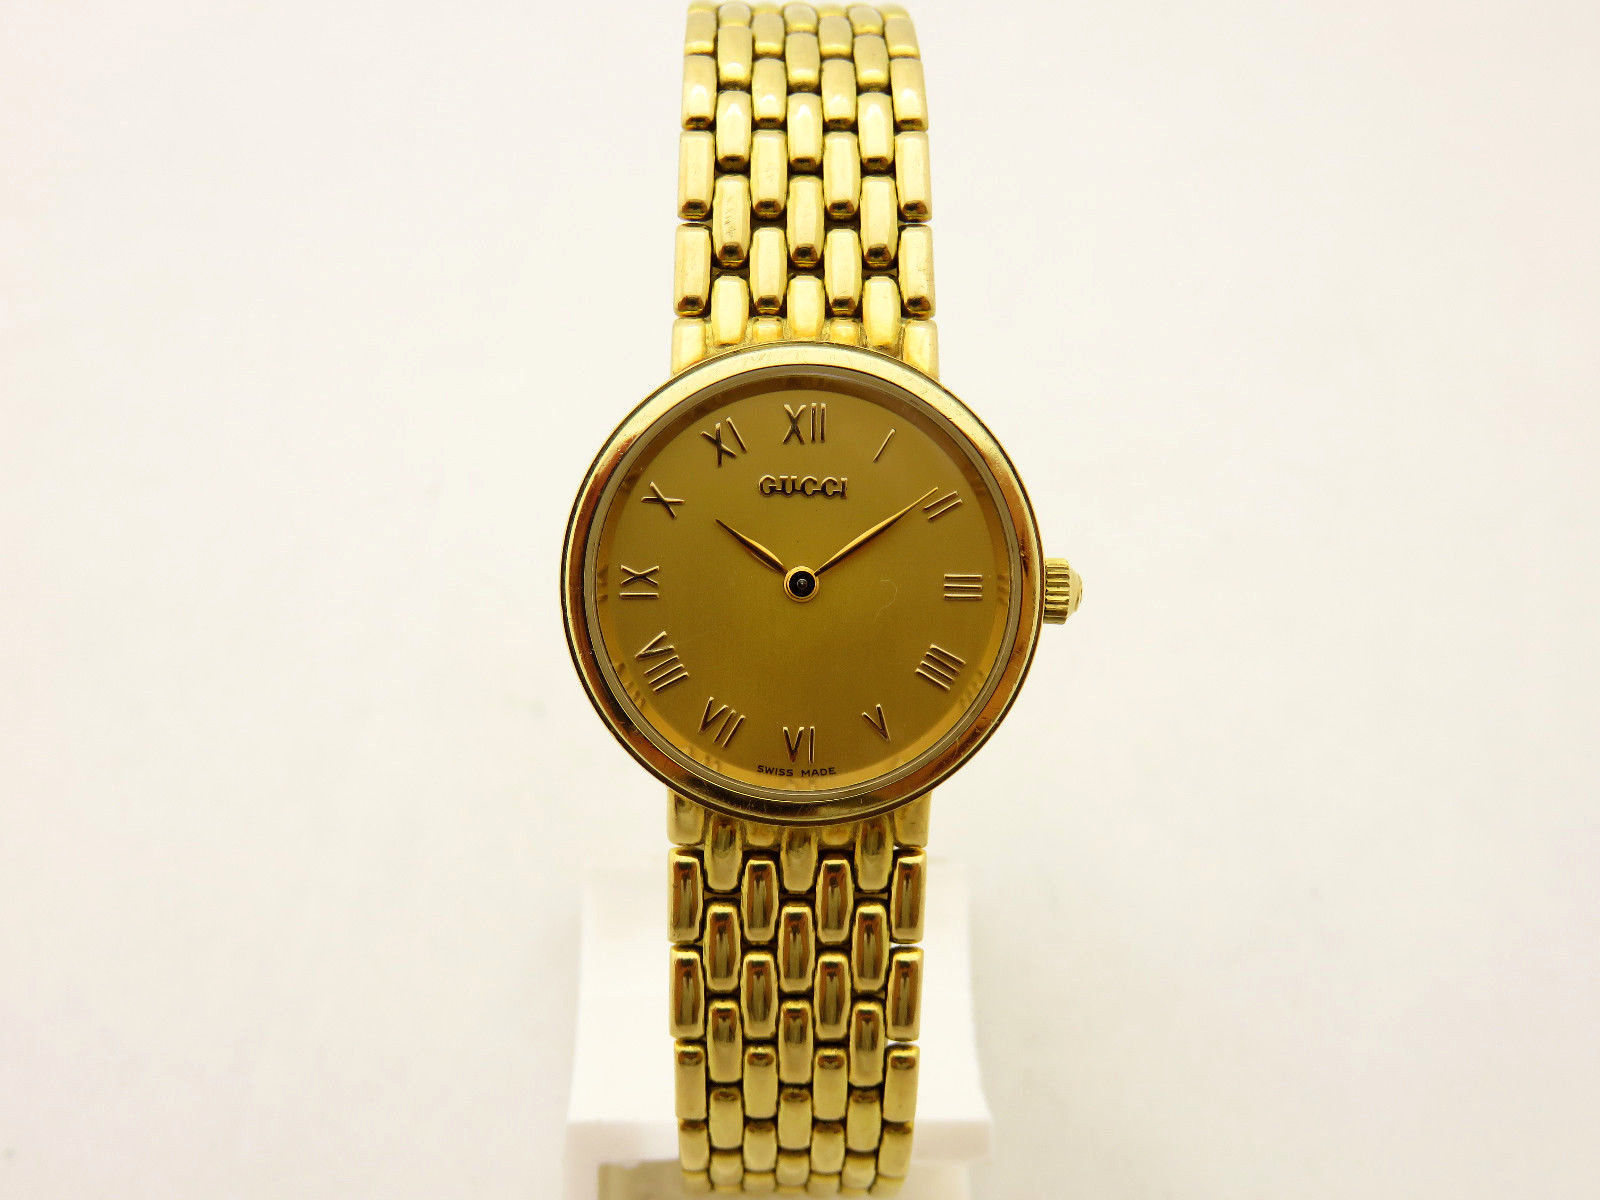 acheter et vendre authentique montre gucci femme or